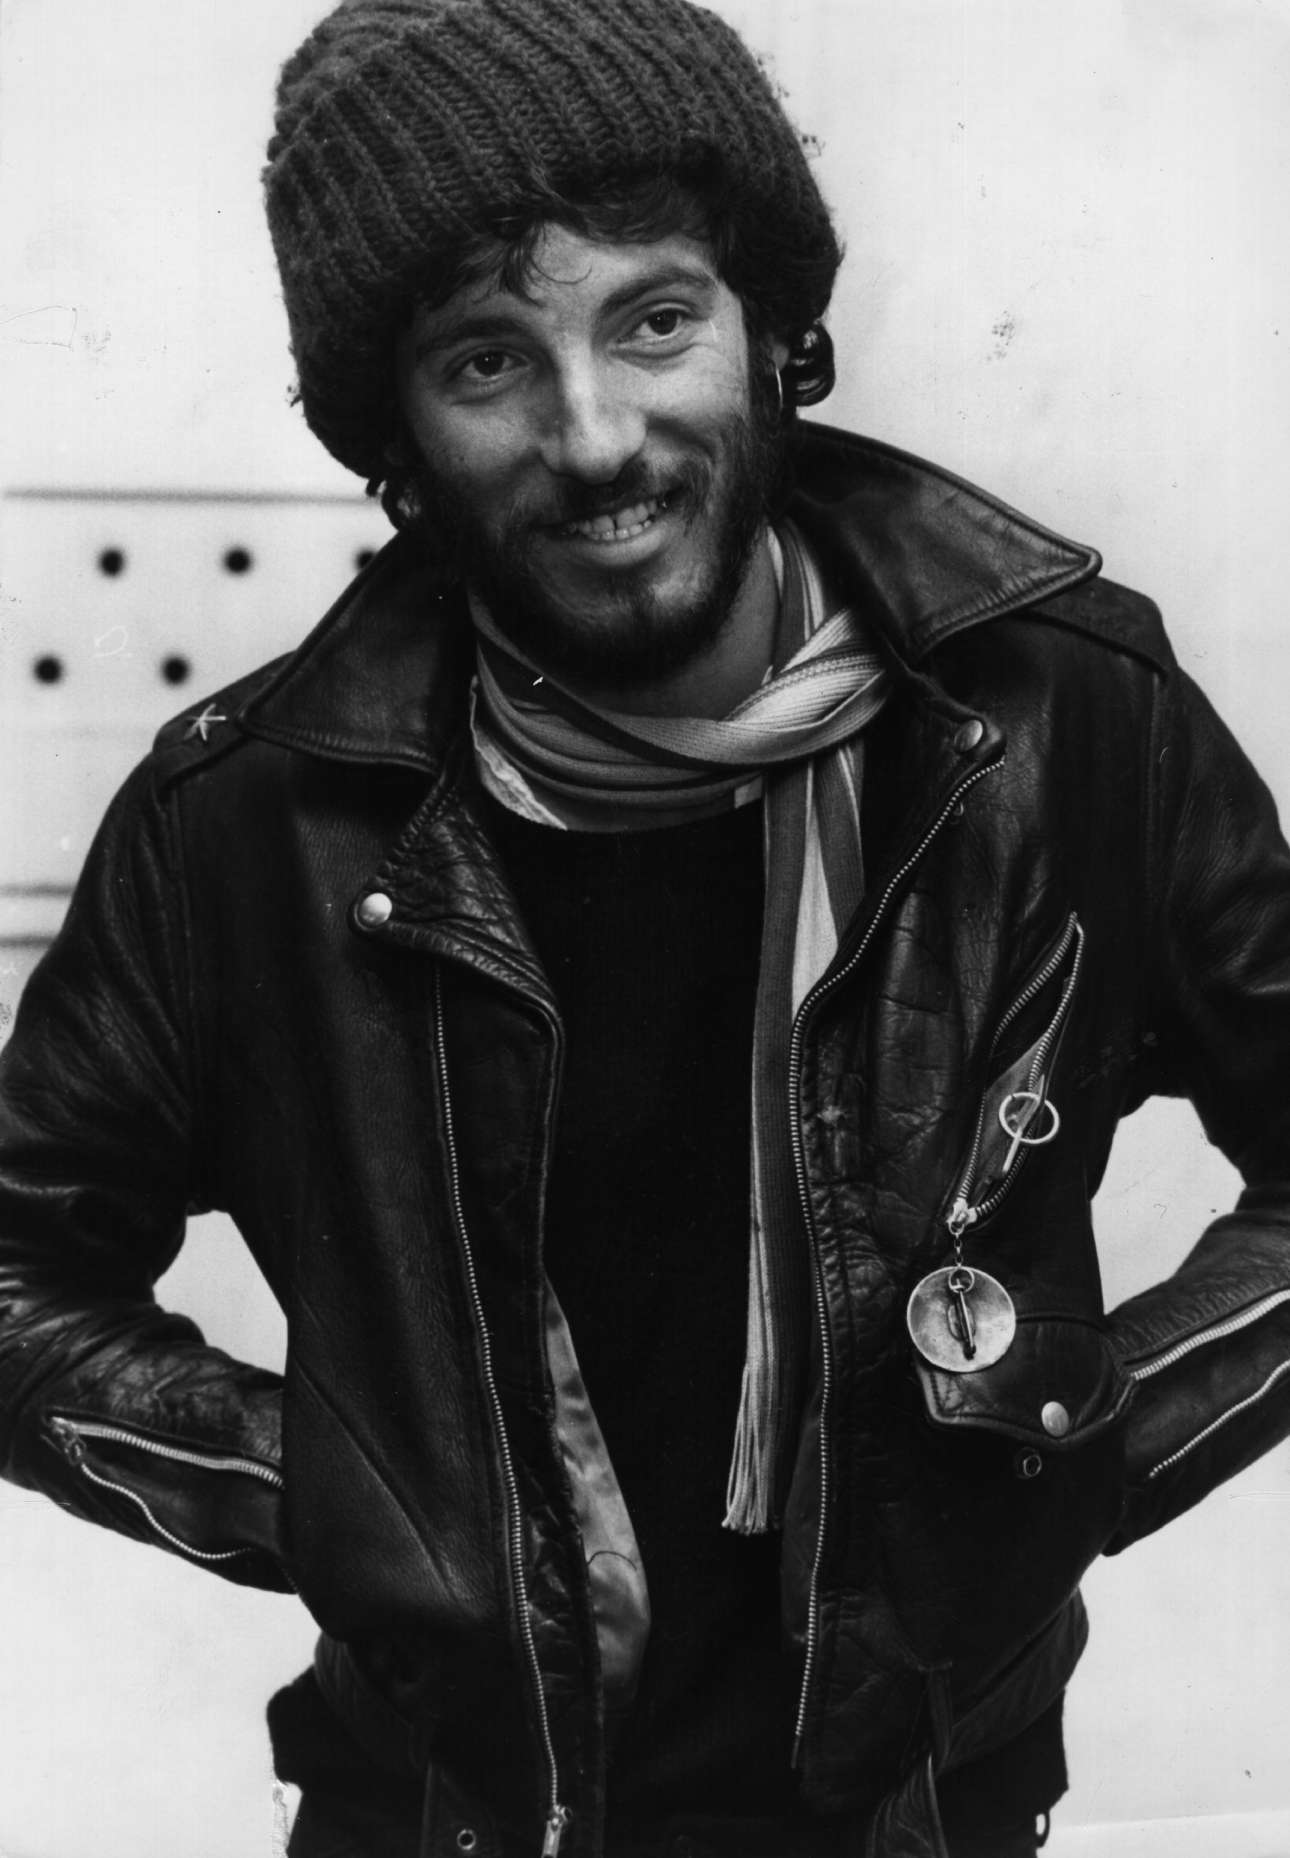 Μέσα δεκαετίας του 1970. Την εποχή του εμβληματικού άλμπουμ «Born to Run»